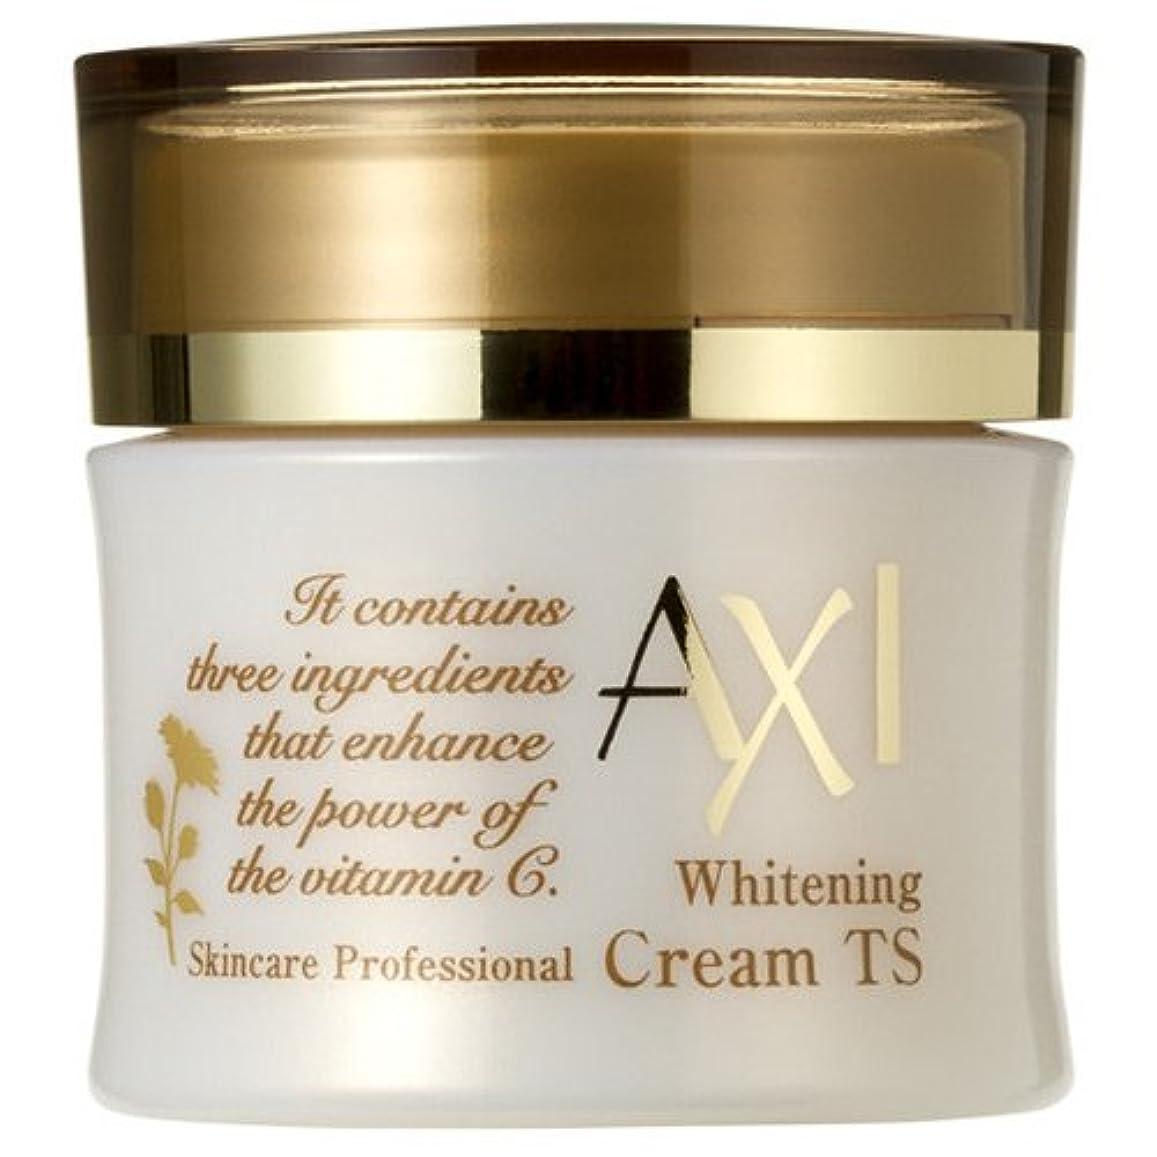 センター私たち自身霜クオレ AXI ホワイトニング クリーム TS 35g 医薬部外品